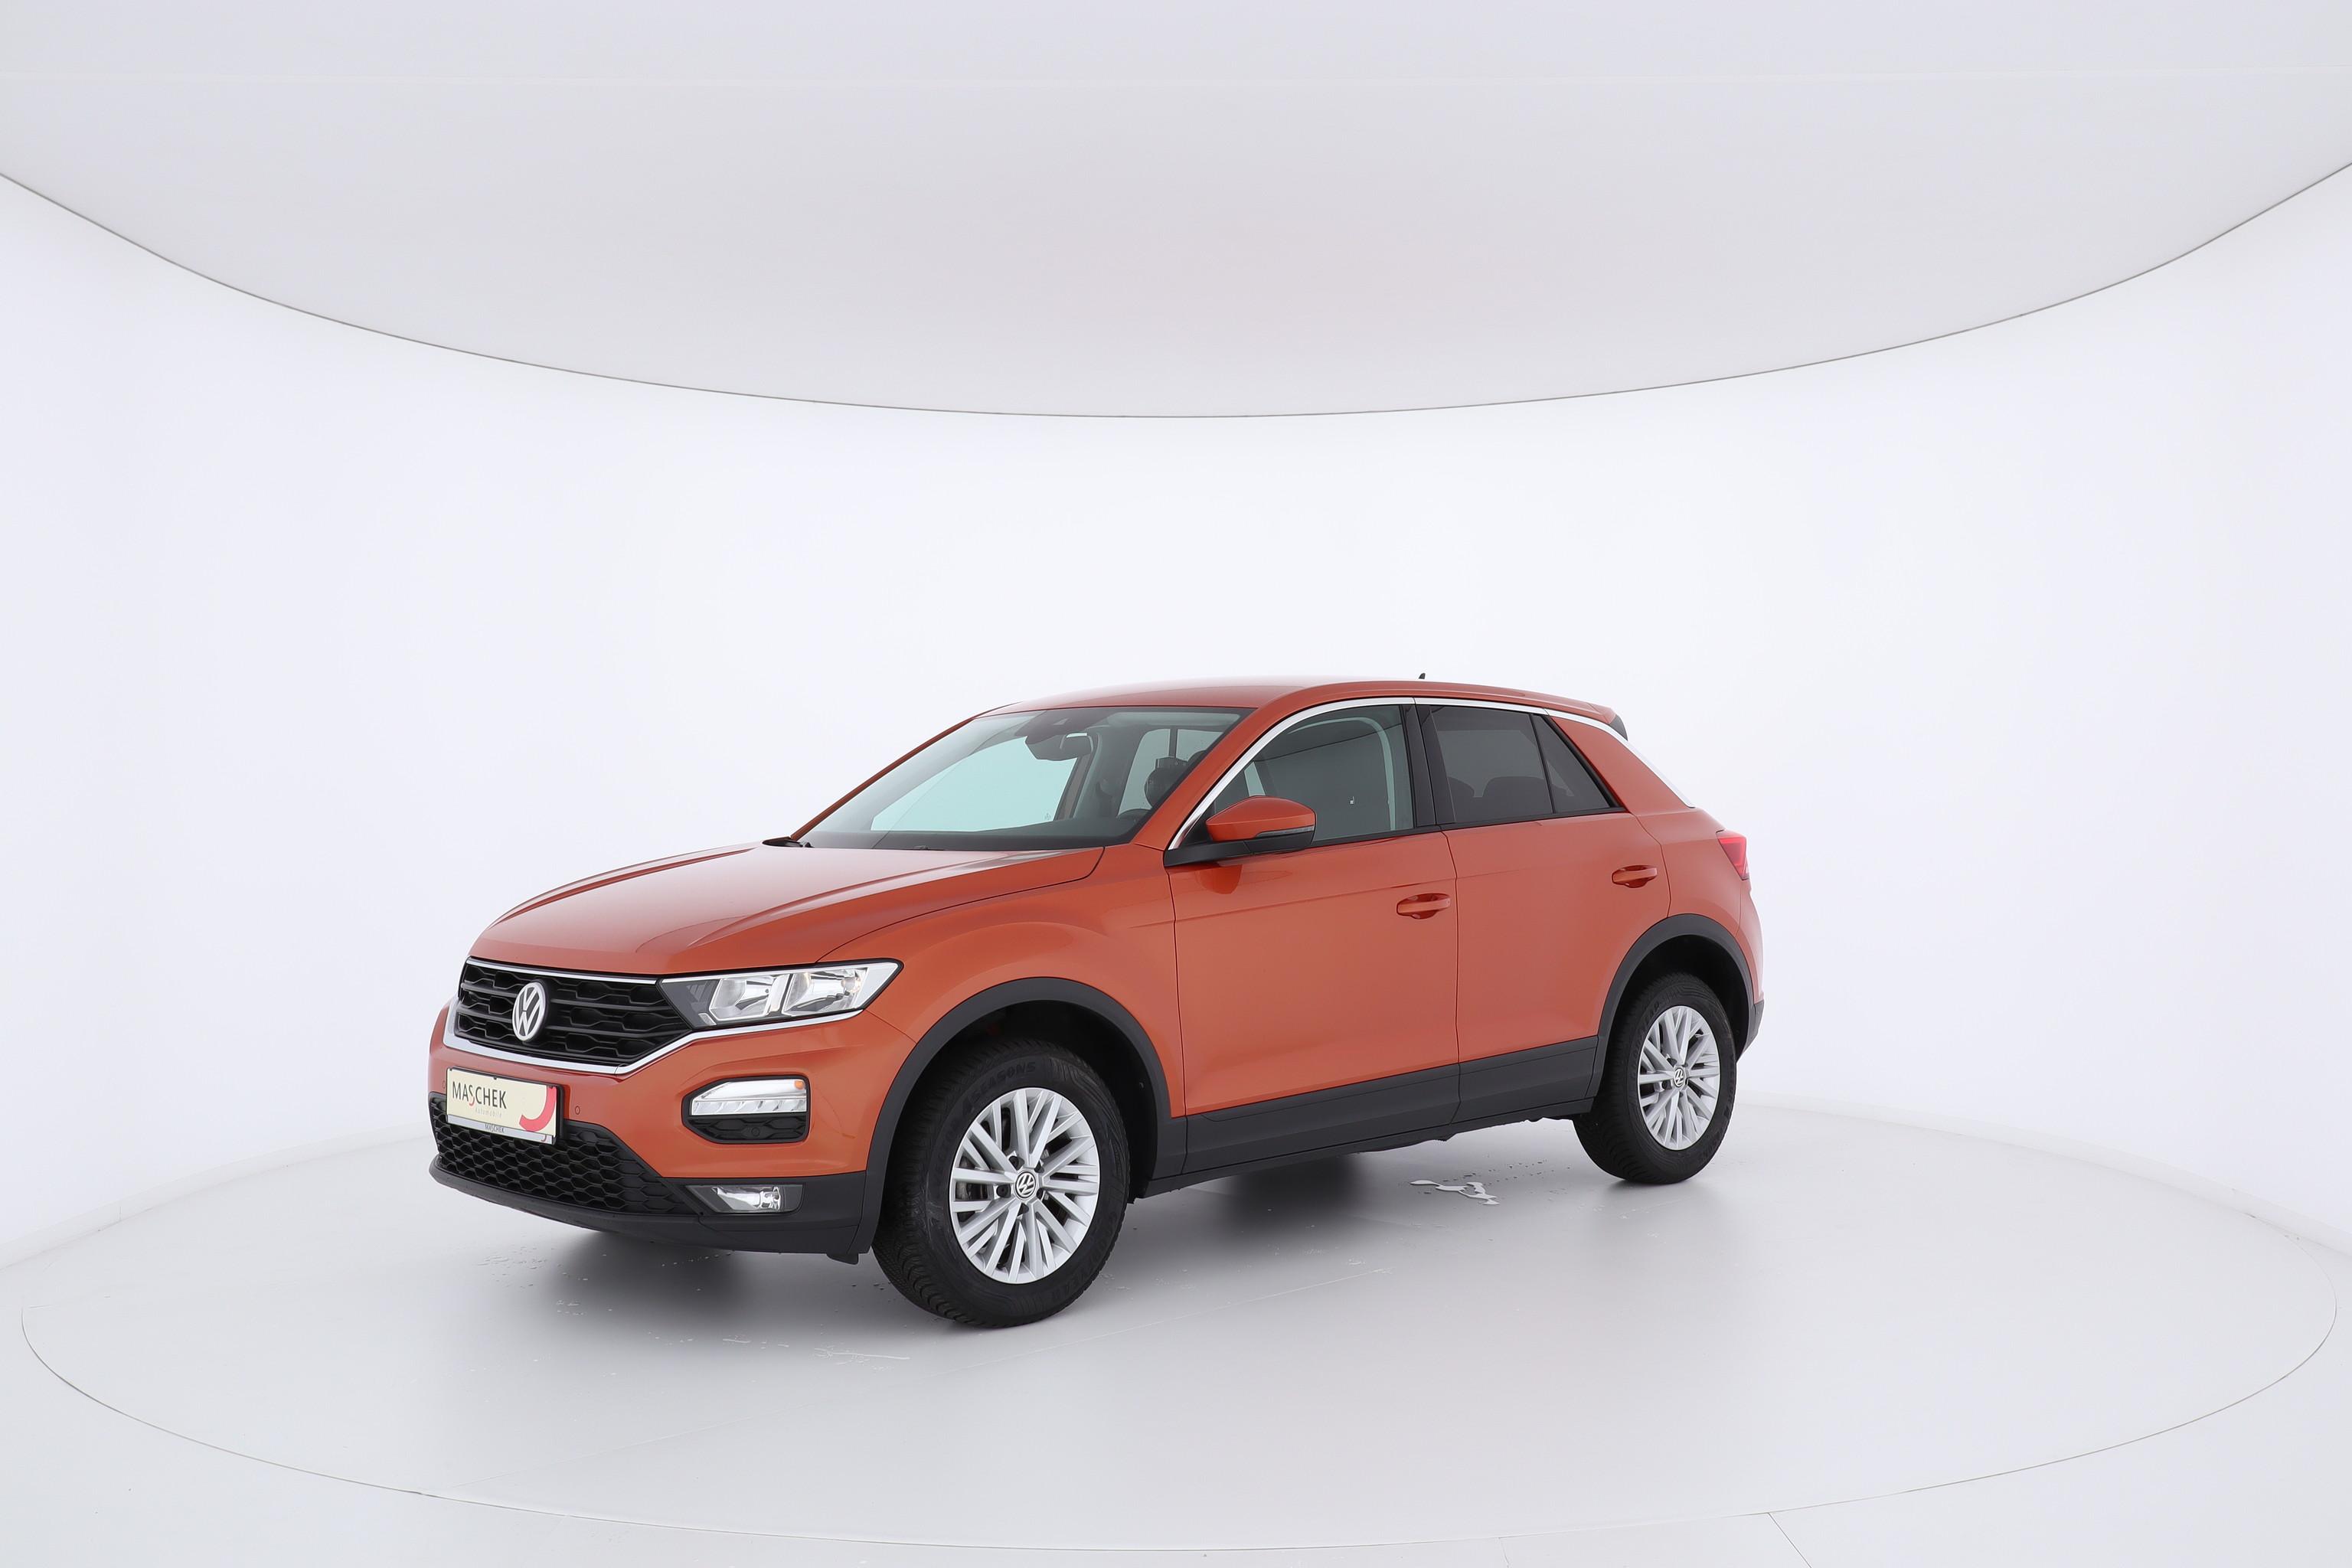 Volkswagen T-ROC 1.6 TDI Navi EPH Winterpaket Climatronic M, Jahr 2018, Diesel